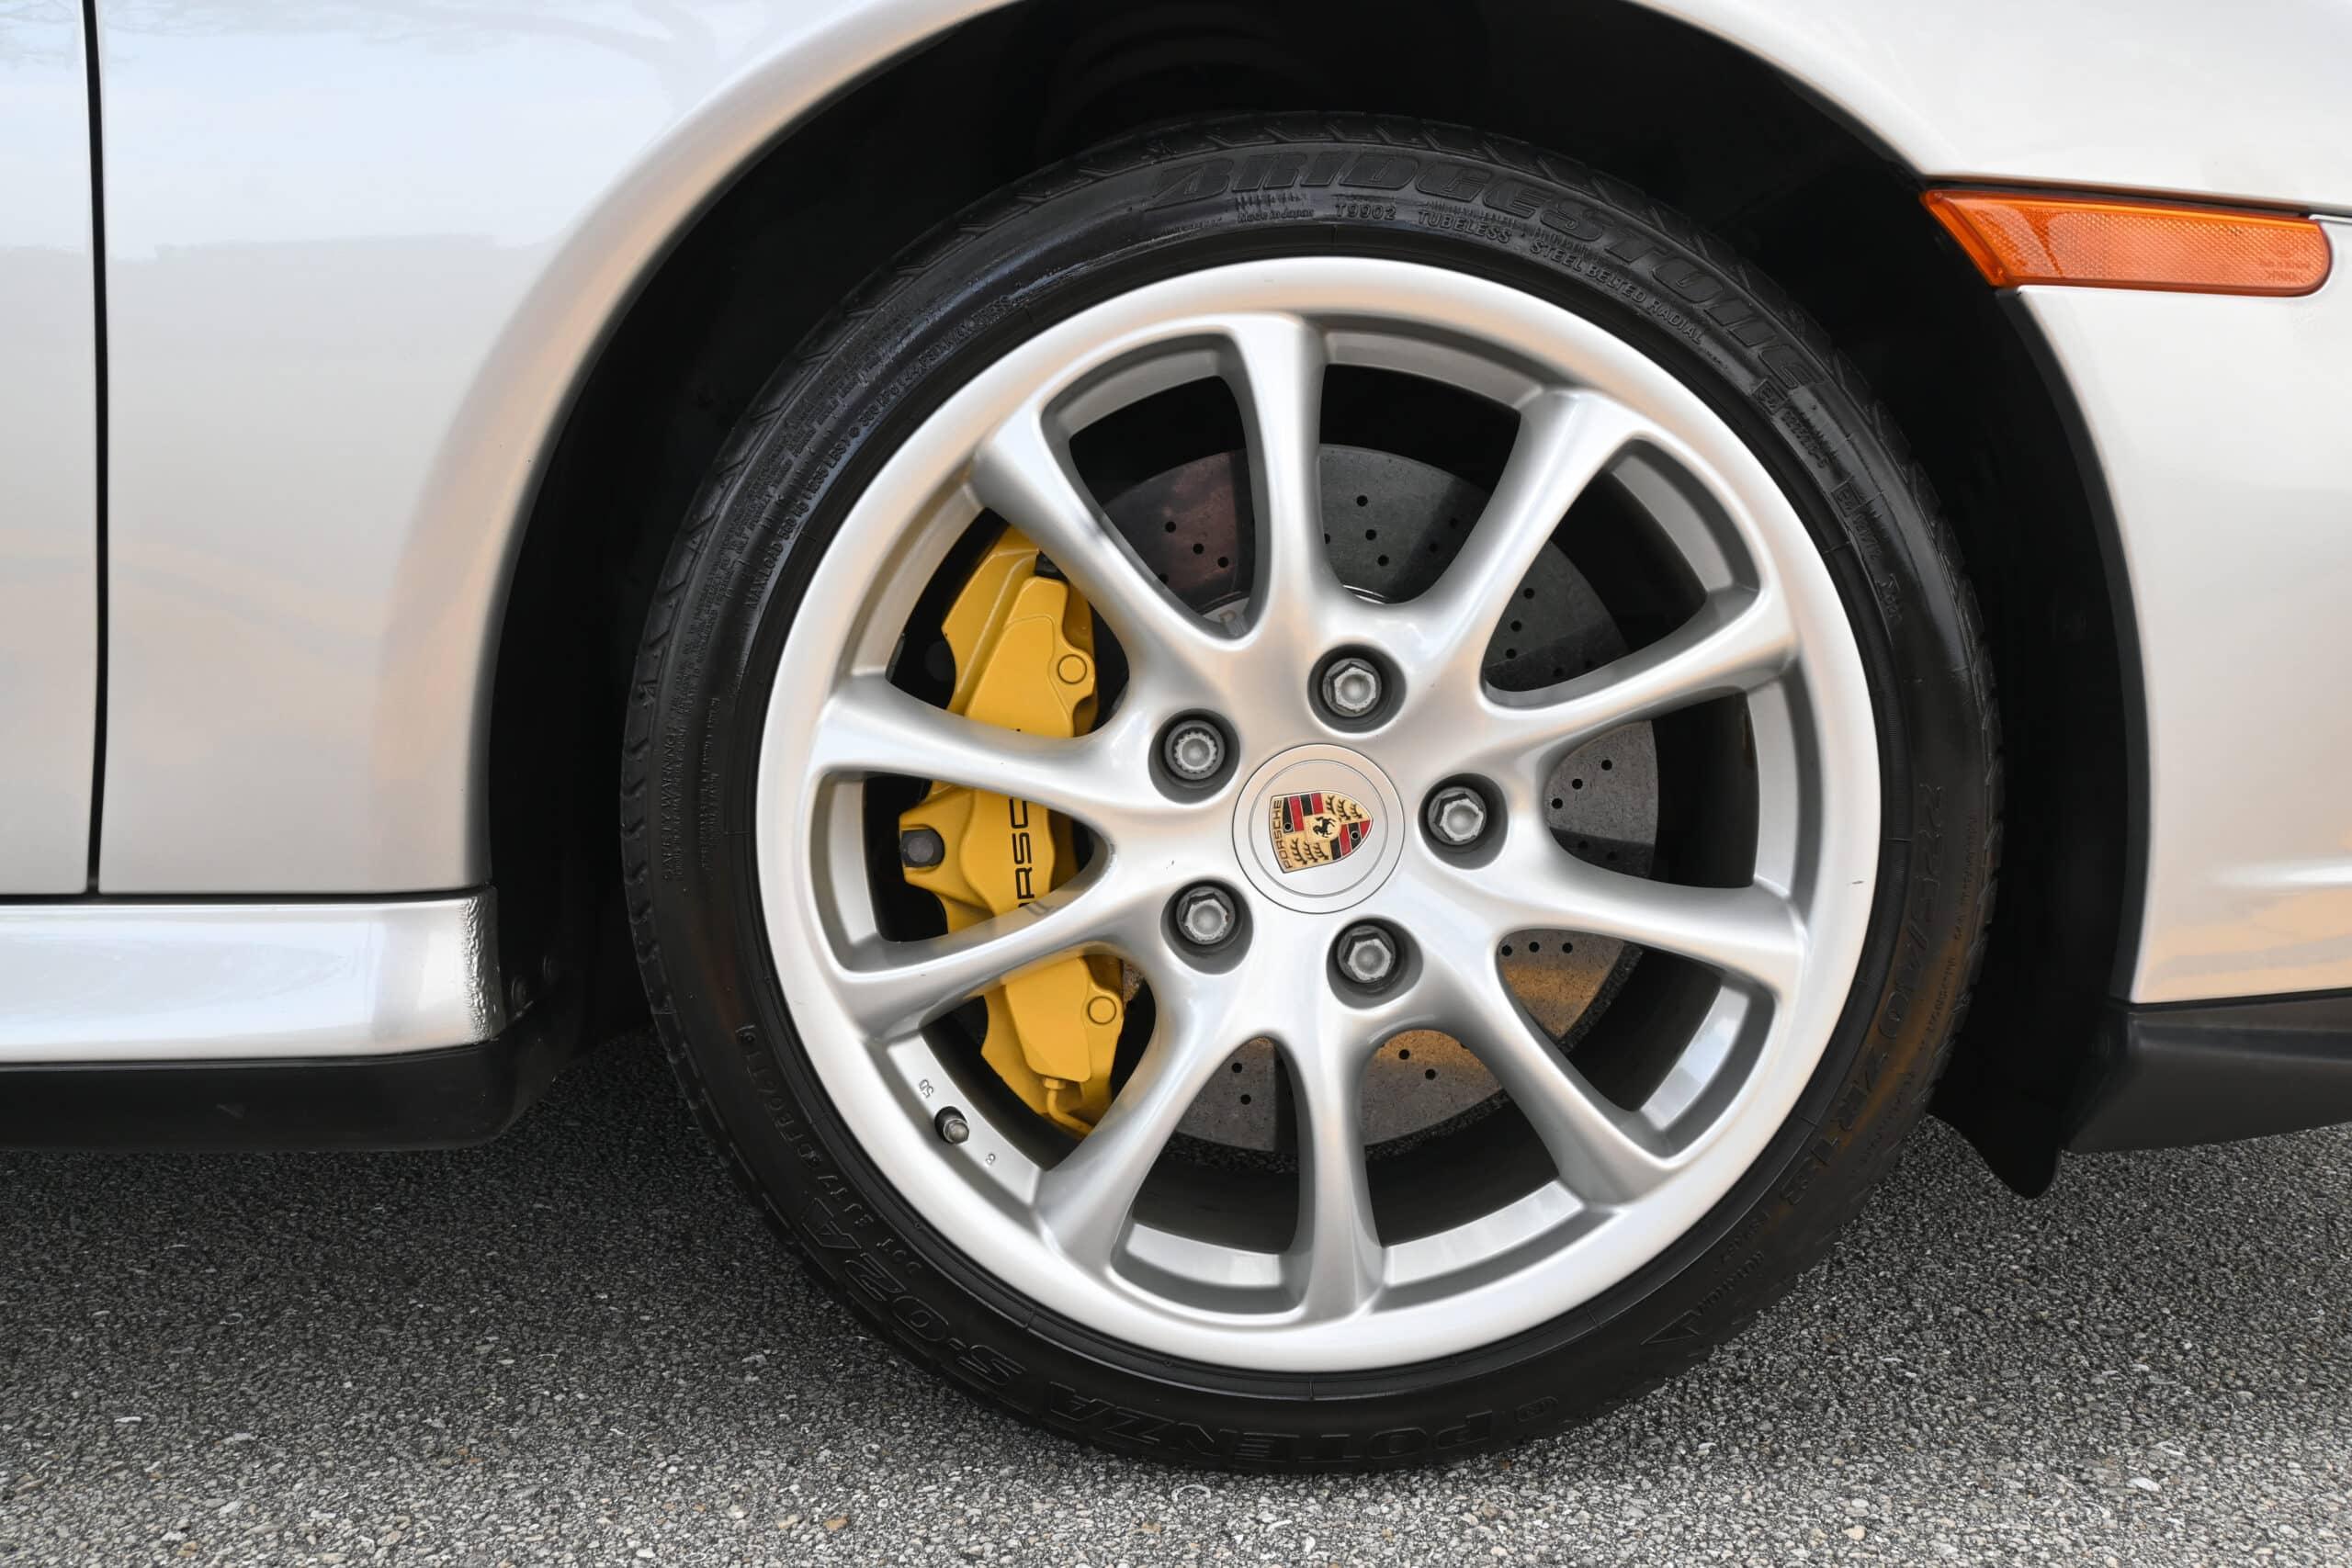 2005 Porsche 996 Turbo S, Rare Manual 6-speed Coupe in desirable Arctic Silver, Ceramics, Florida Car, Porsche CoA, Window Sticker